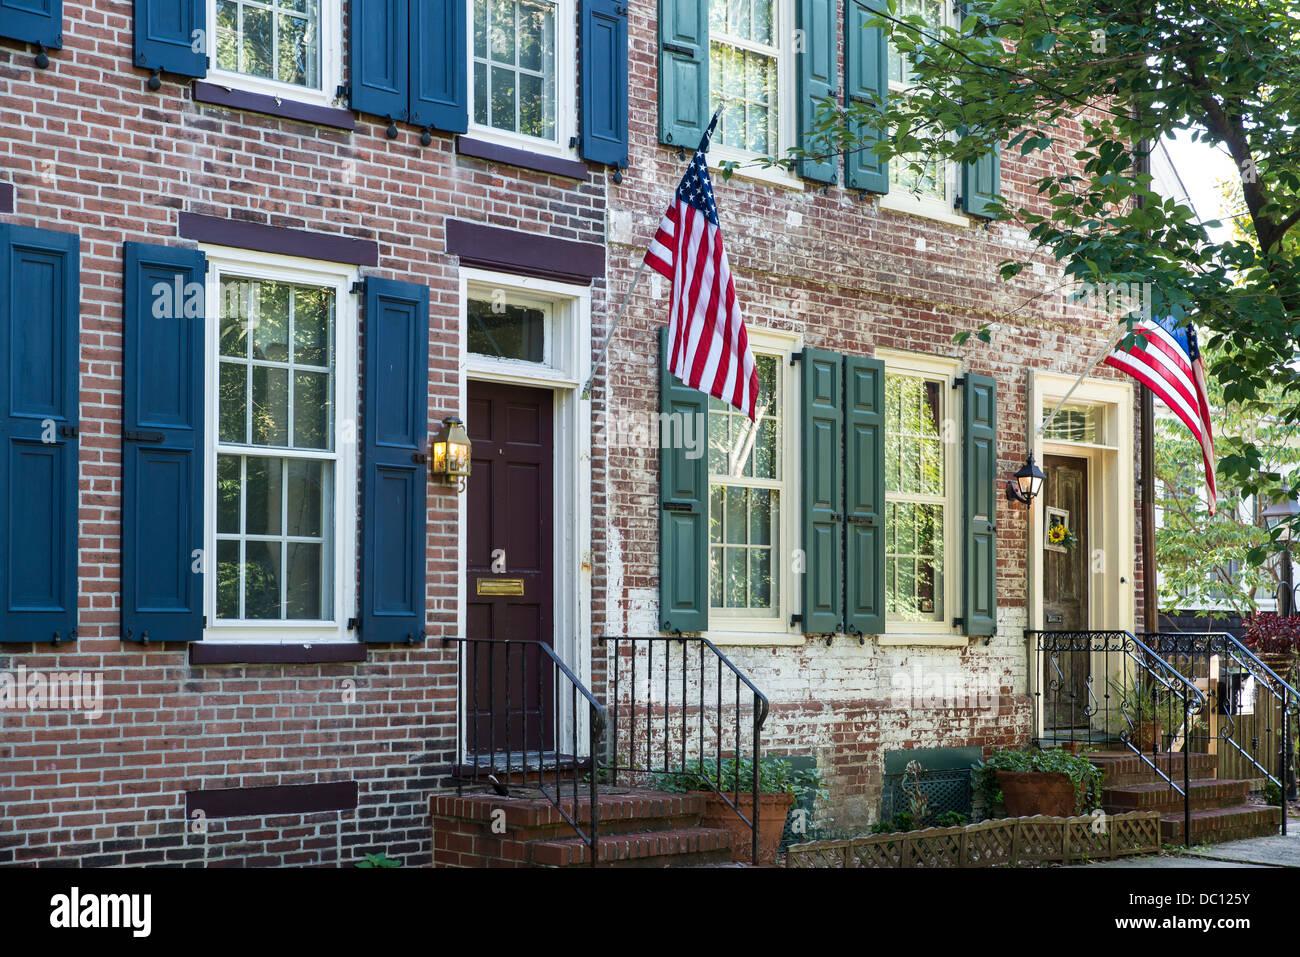 Malerisches Haus im Kolonialstil auf historischen Wald Straße, Burlington, New Jersey, USA Stockbild